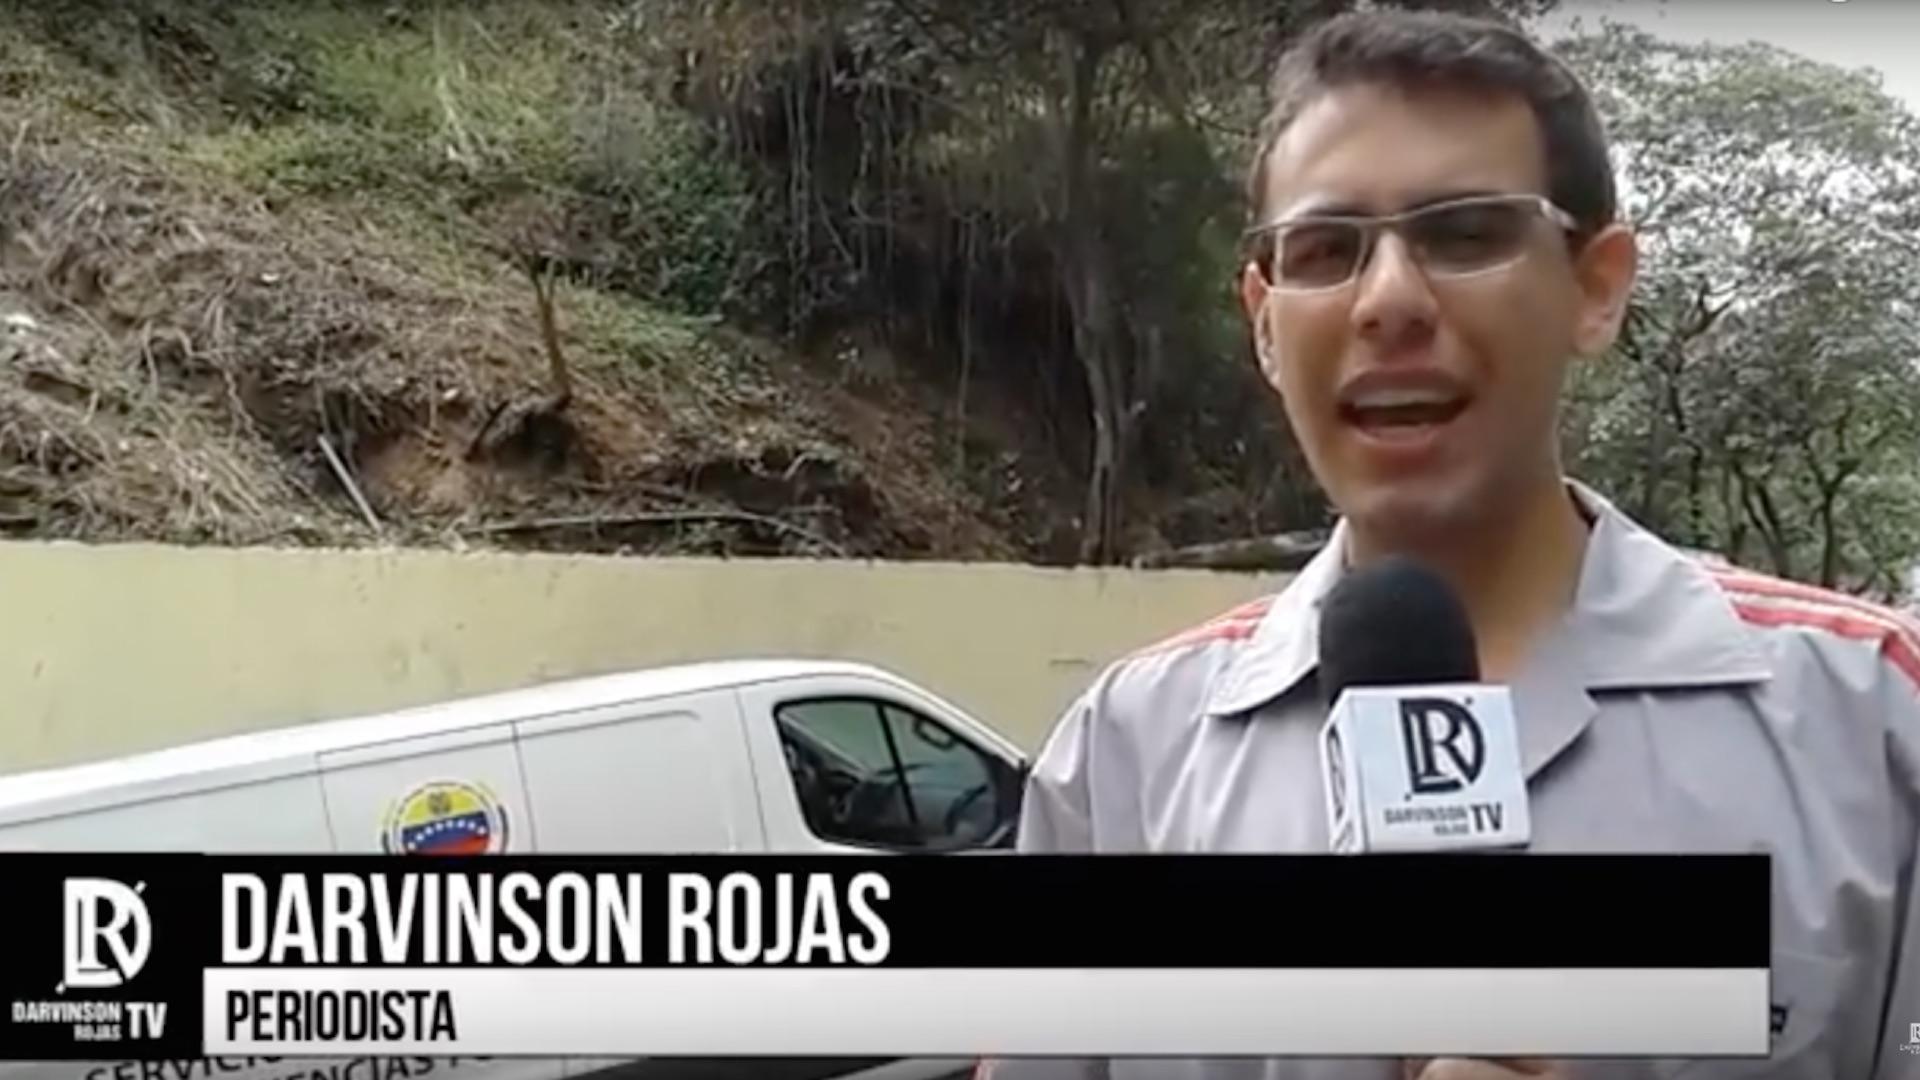 Liberaron al periodista Darvinson Rojas tras 12 días de detención